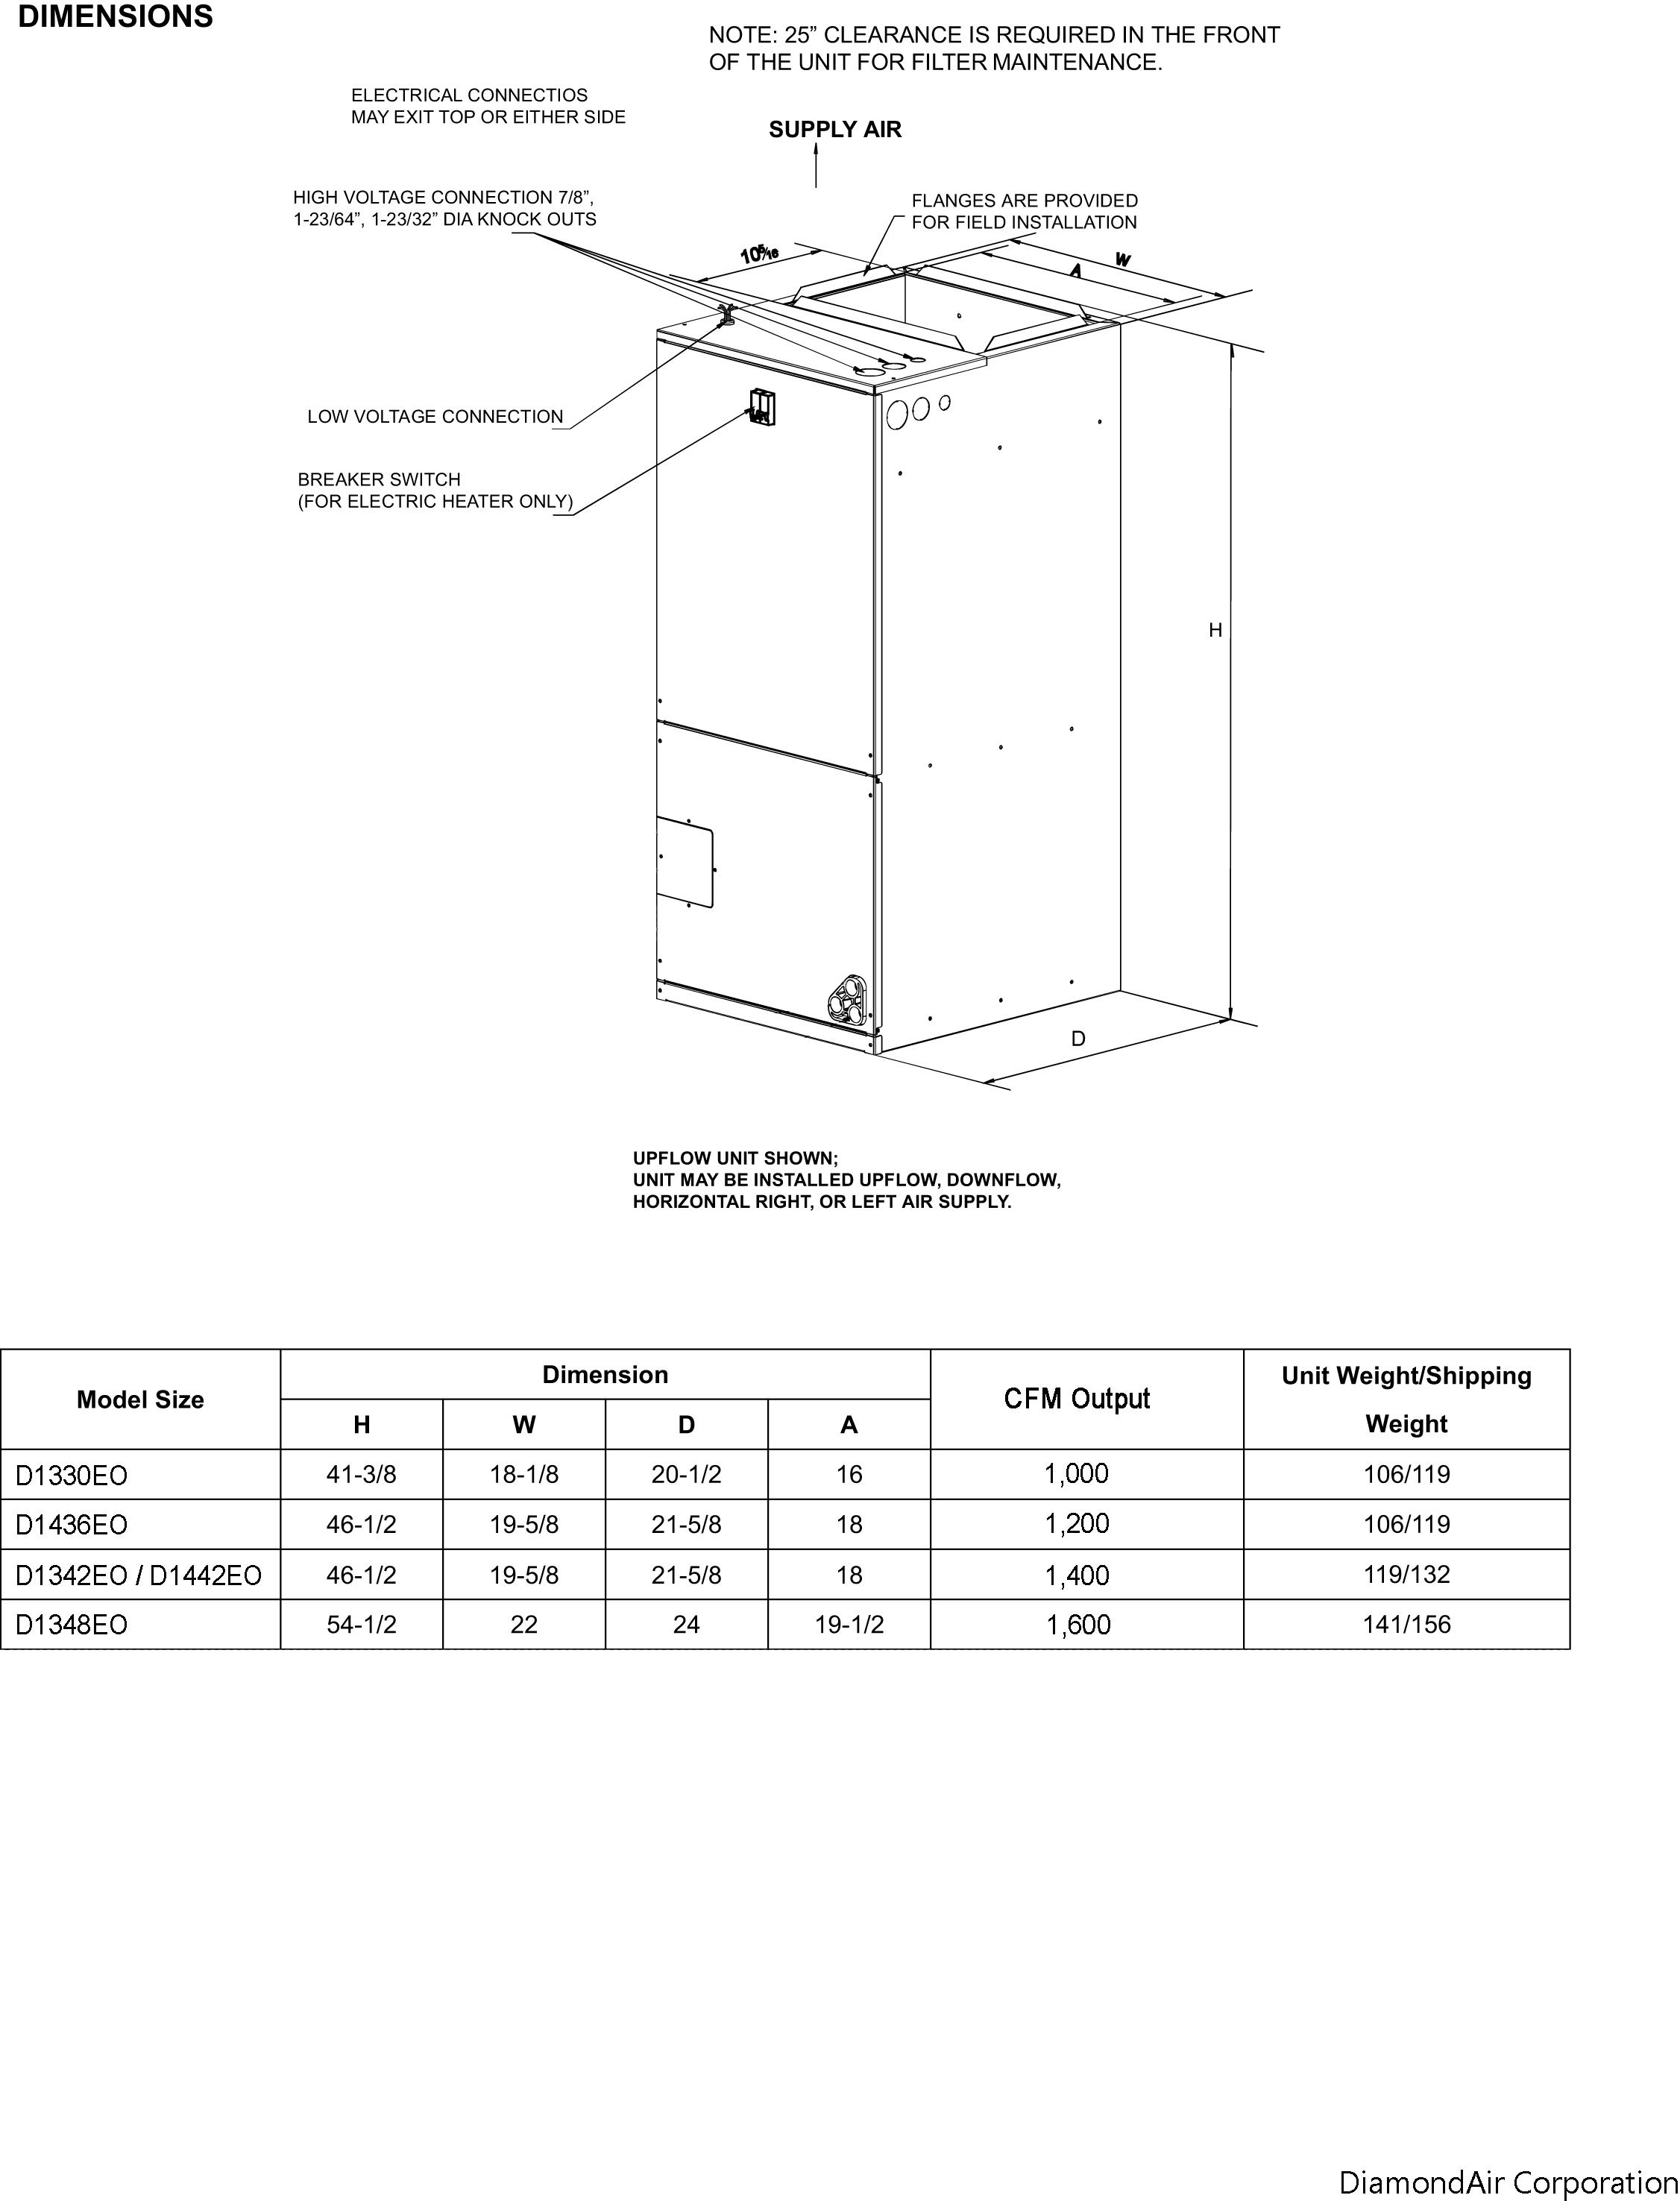 lennox gas furnace wiring diagram yamaha g2 electric golf cart york diamond 80 imageresizertool com